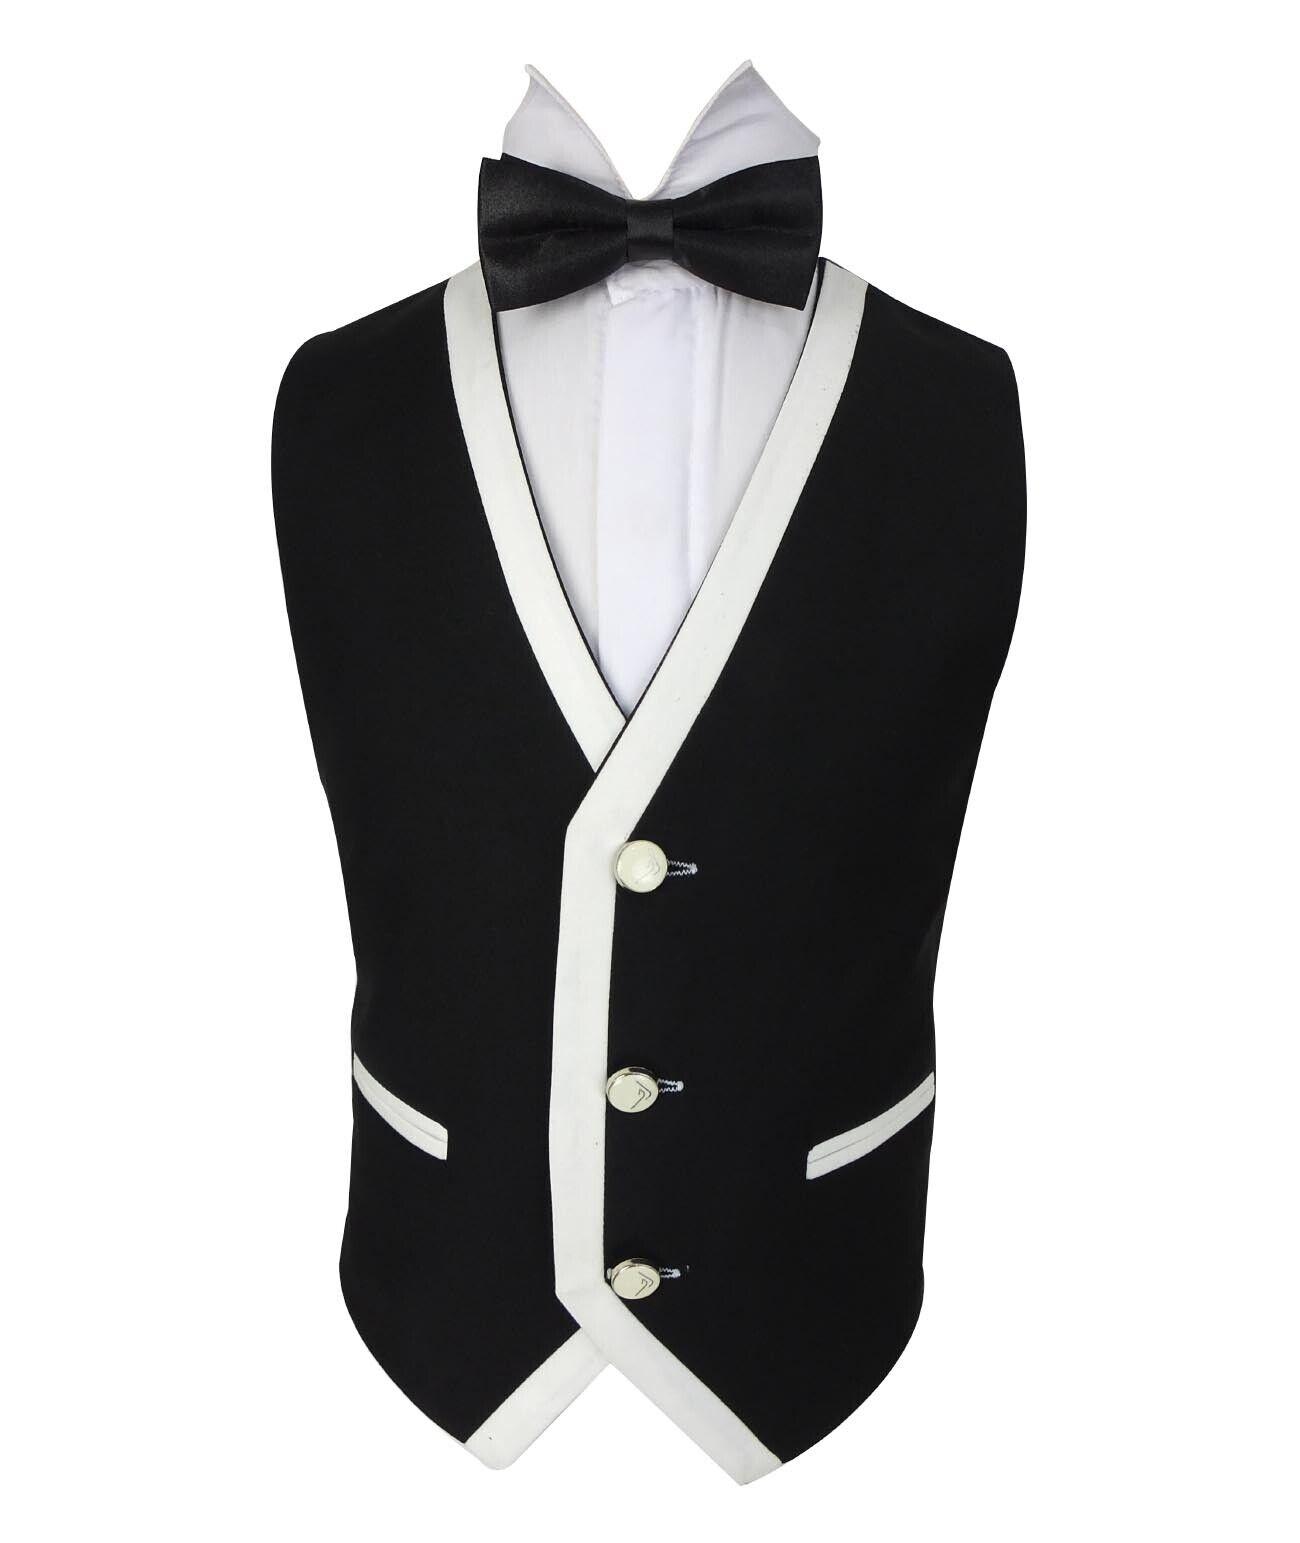 Boys Suit Five Piece Dotted Peak Lapel Suits Shirt Vest Tie